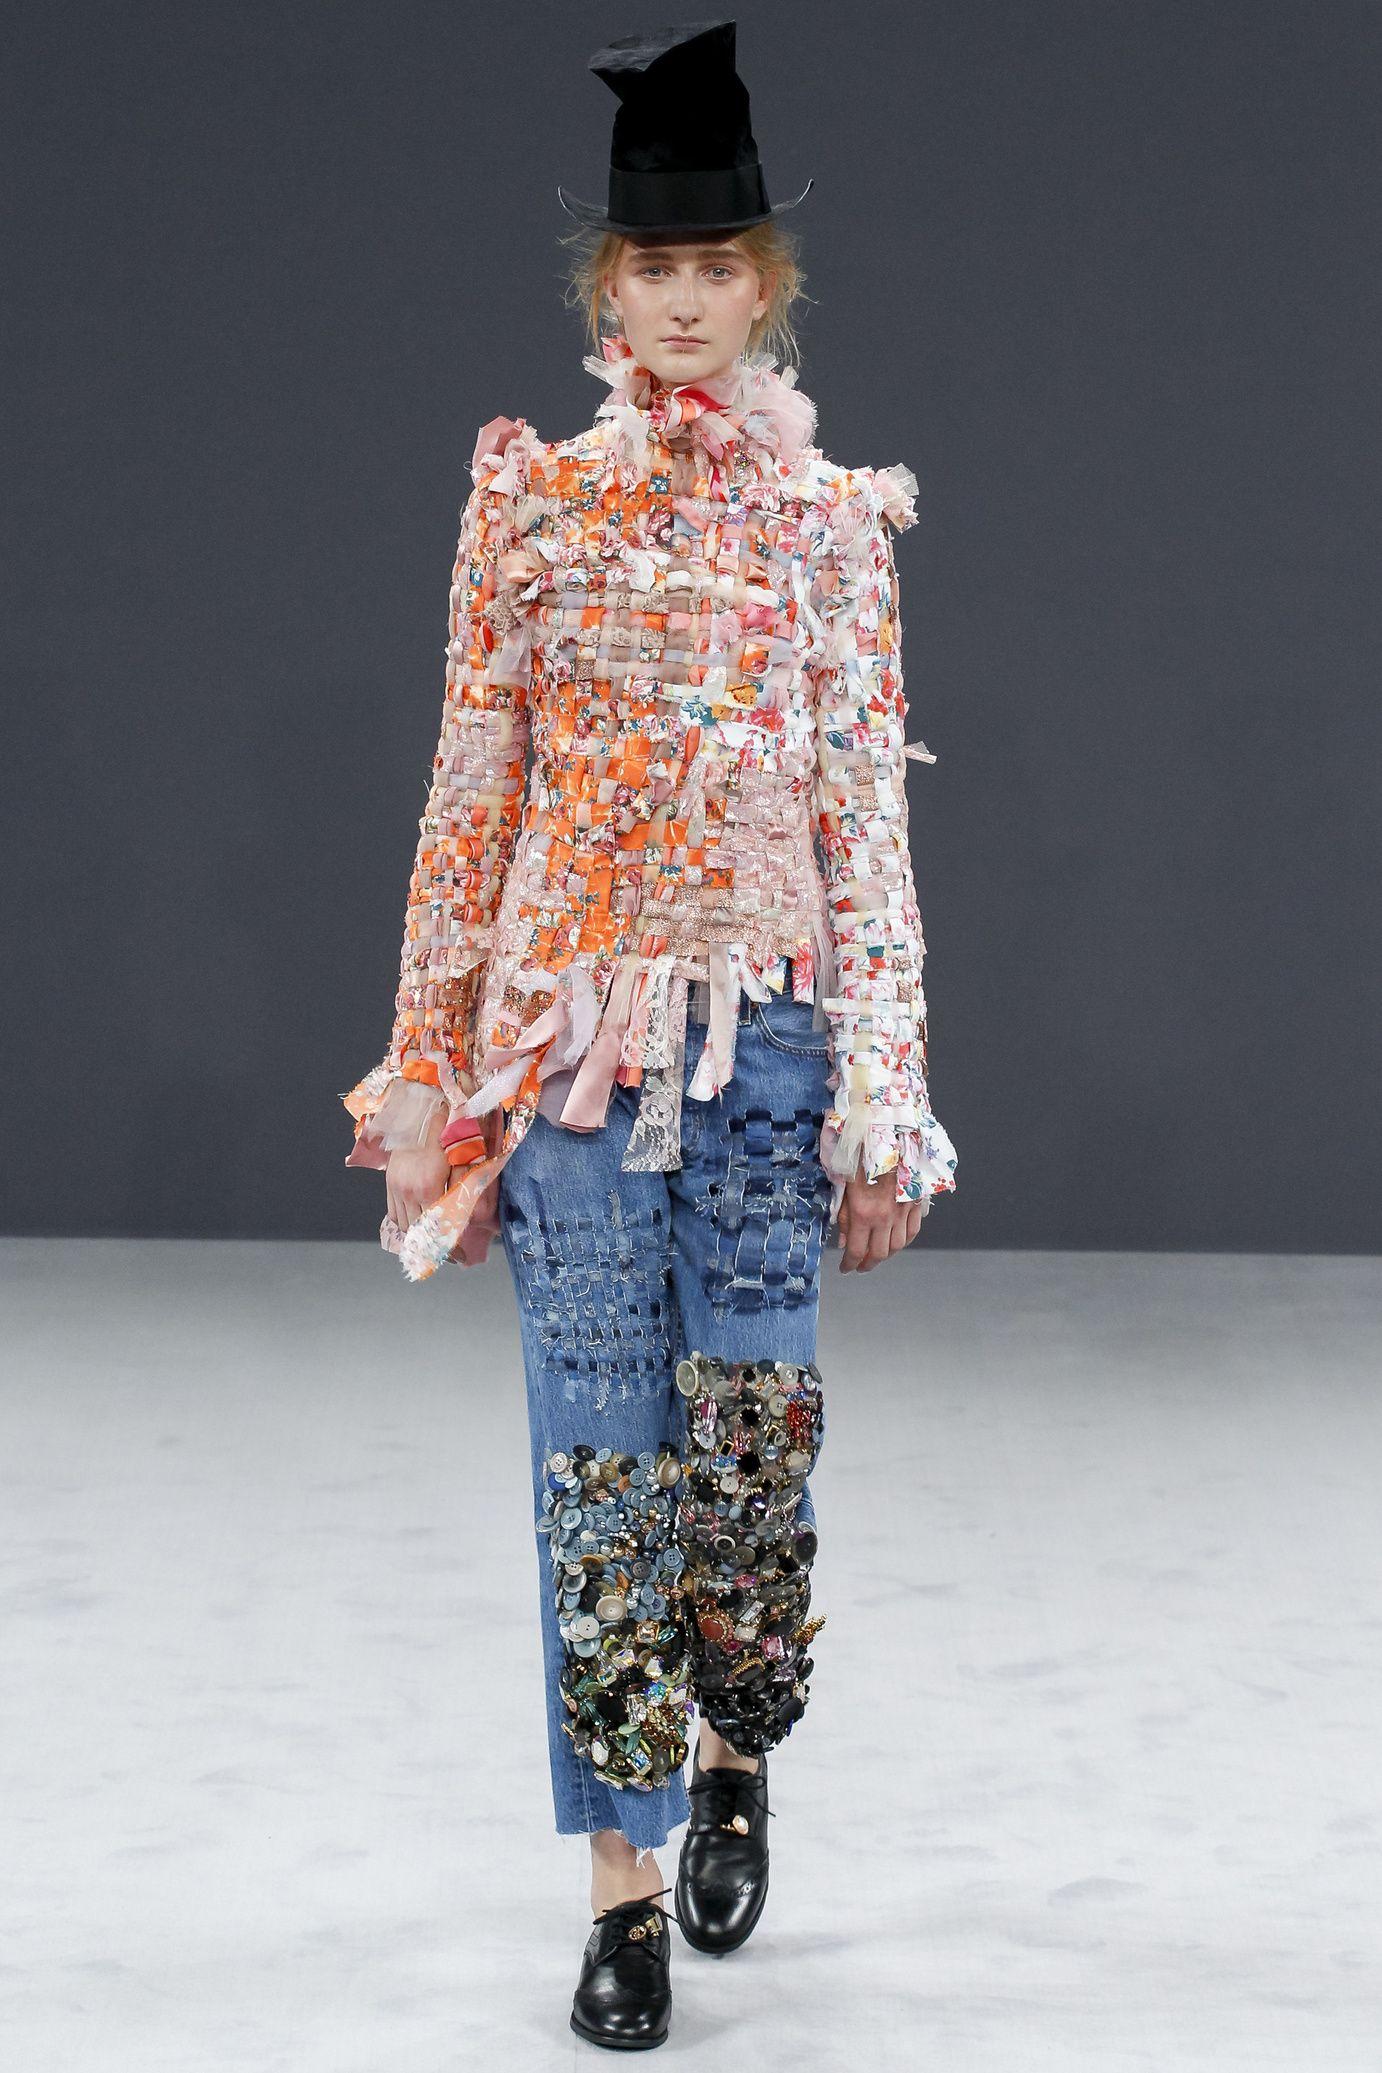 Défilé Viktor & Rolf Haute Couture automne-hiver 2016-2017 COUTURE